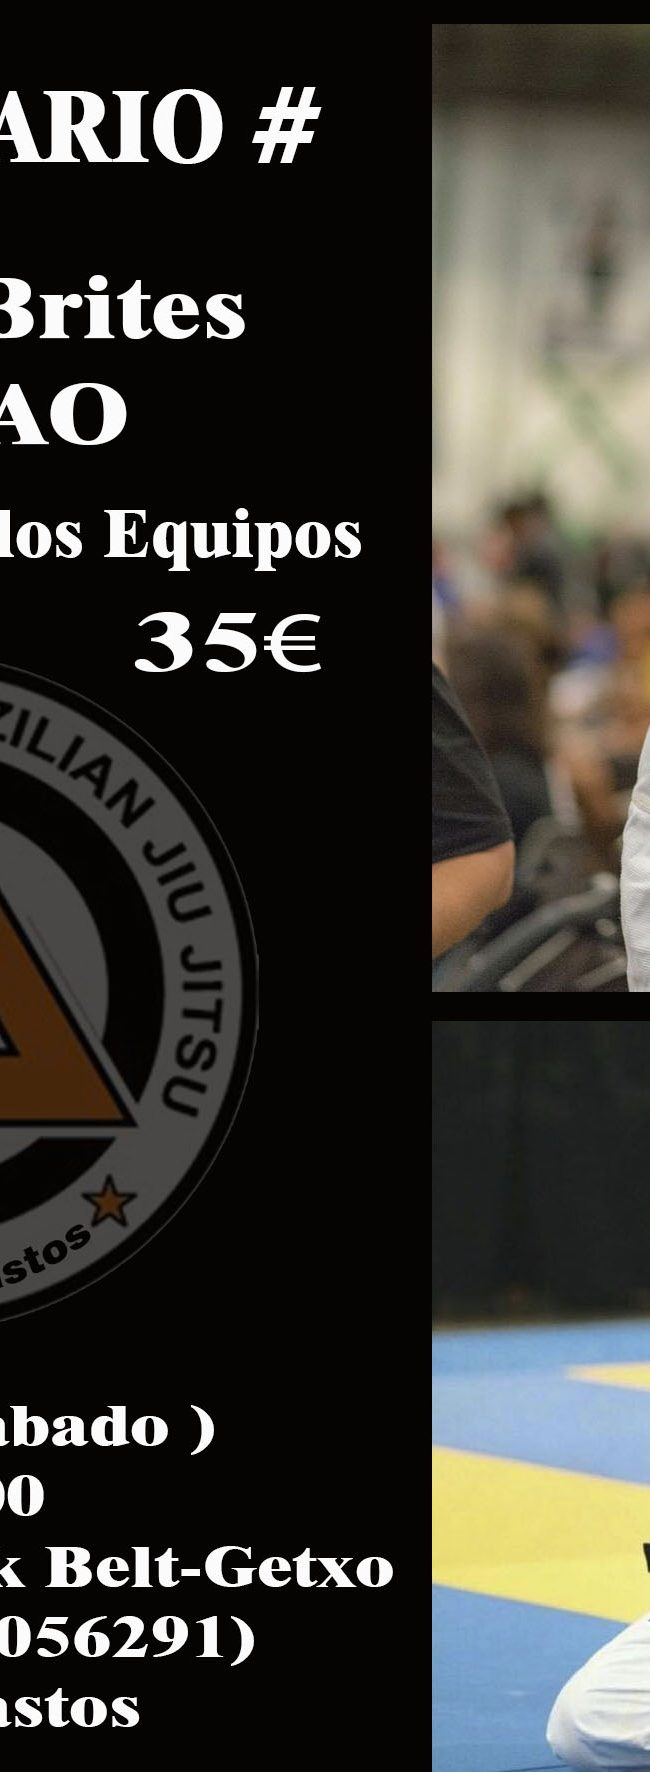 Seminario Maestro Ailson Brites – JUCAO – 27 Enero 2018 sábado en el gimnasio Black Belt getxo abierto a todos los equipo.